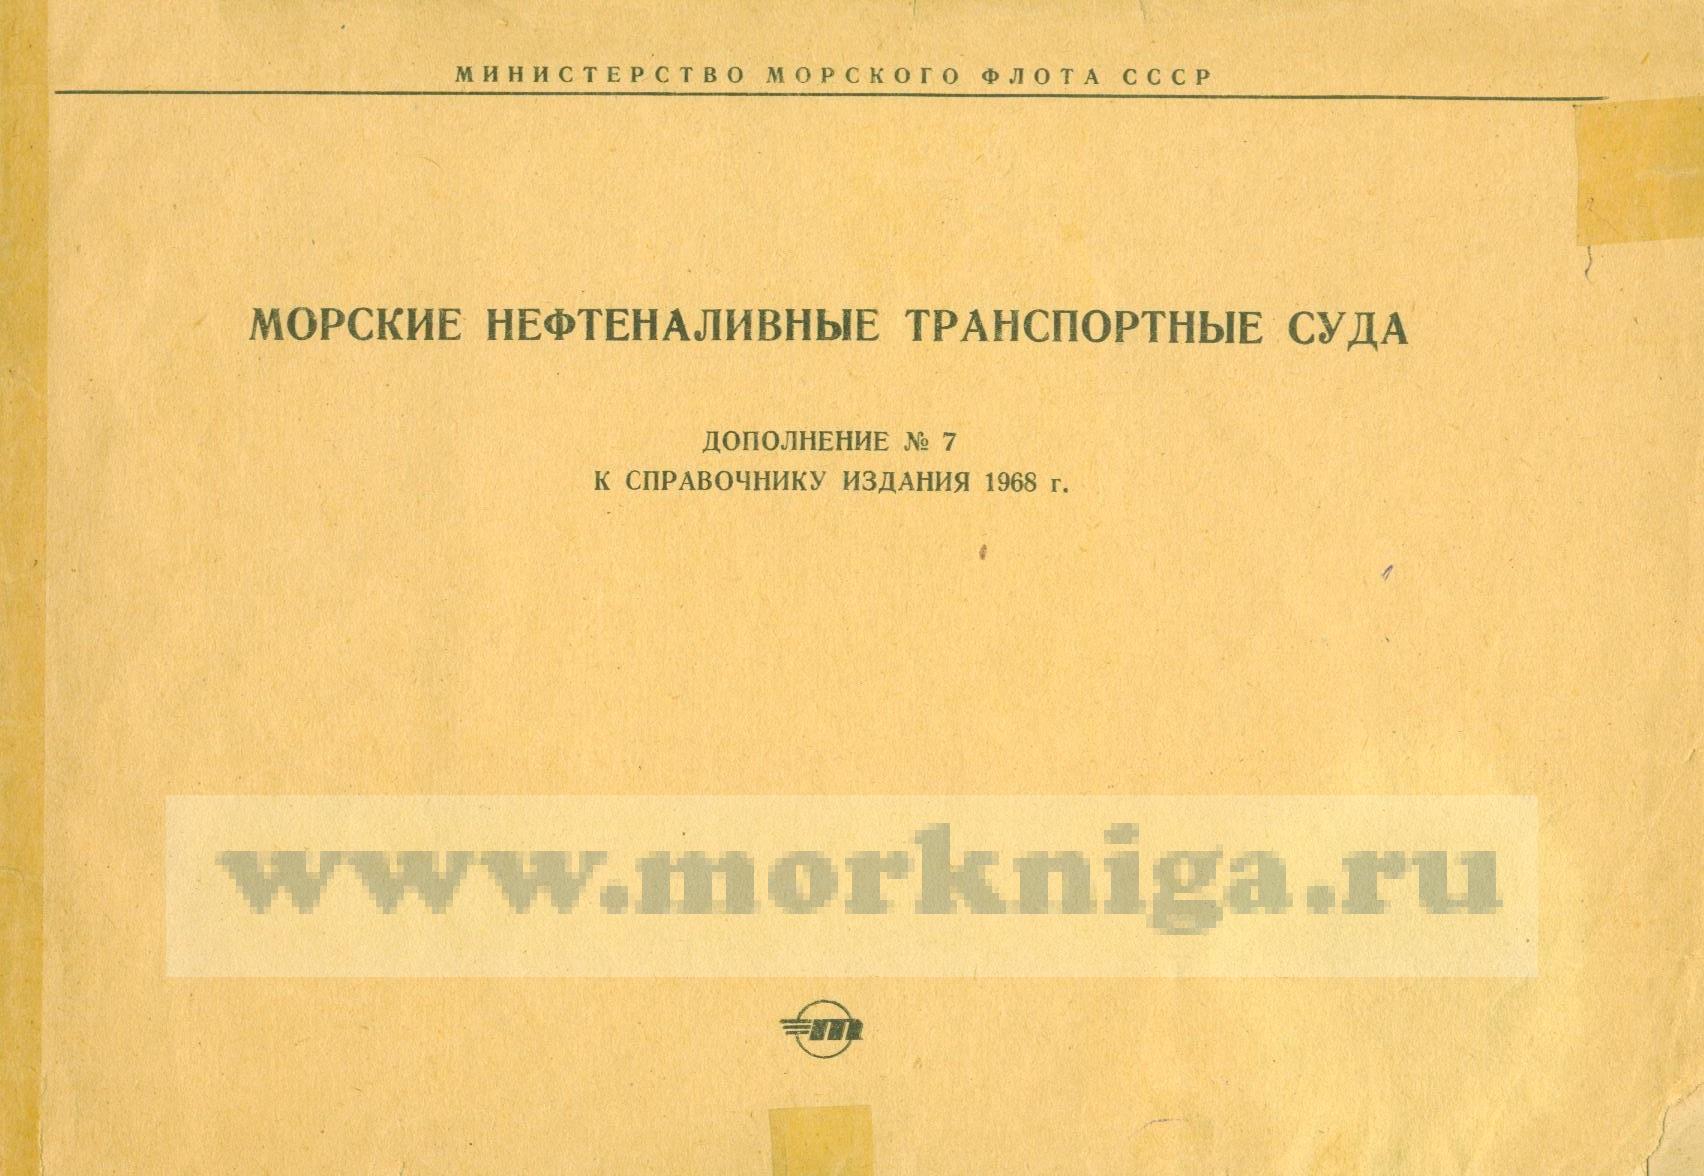 Морские нефтеналивные транспортные суда. Дополнение №7 к справочнику издания 1968 г.